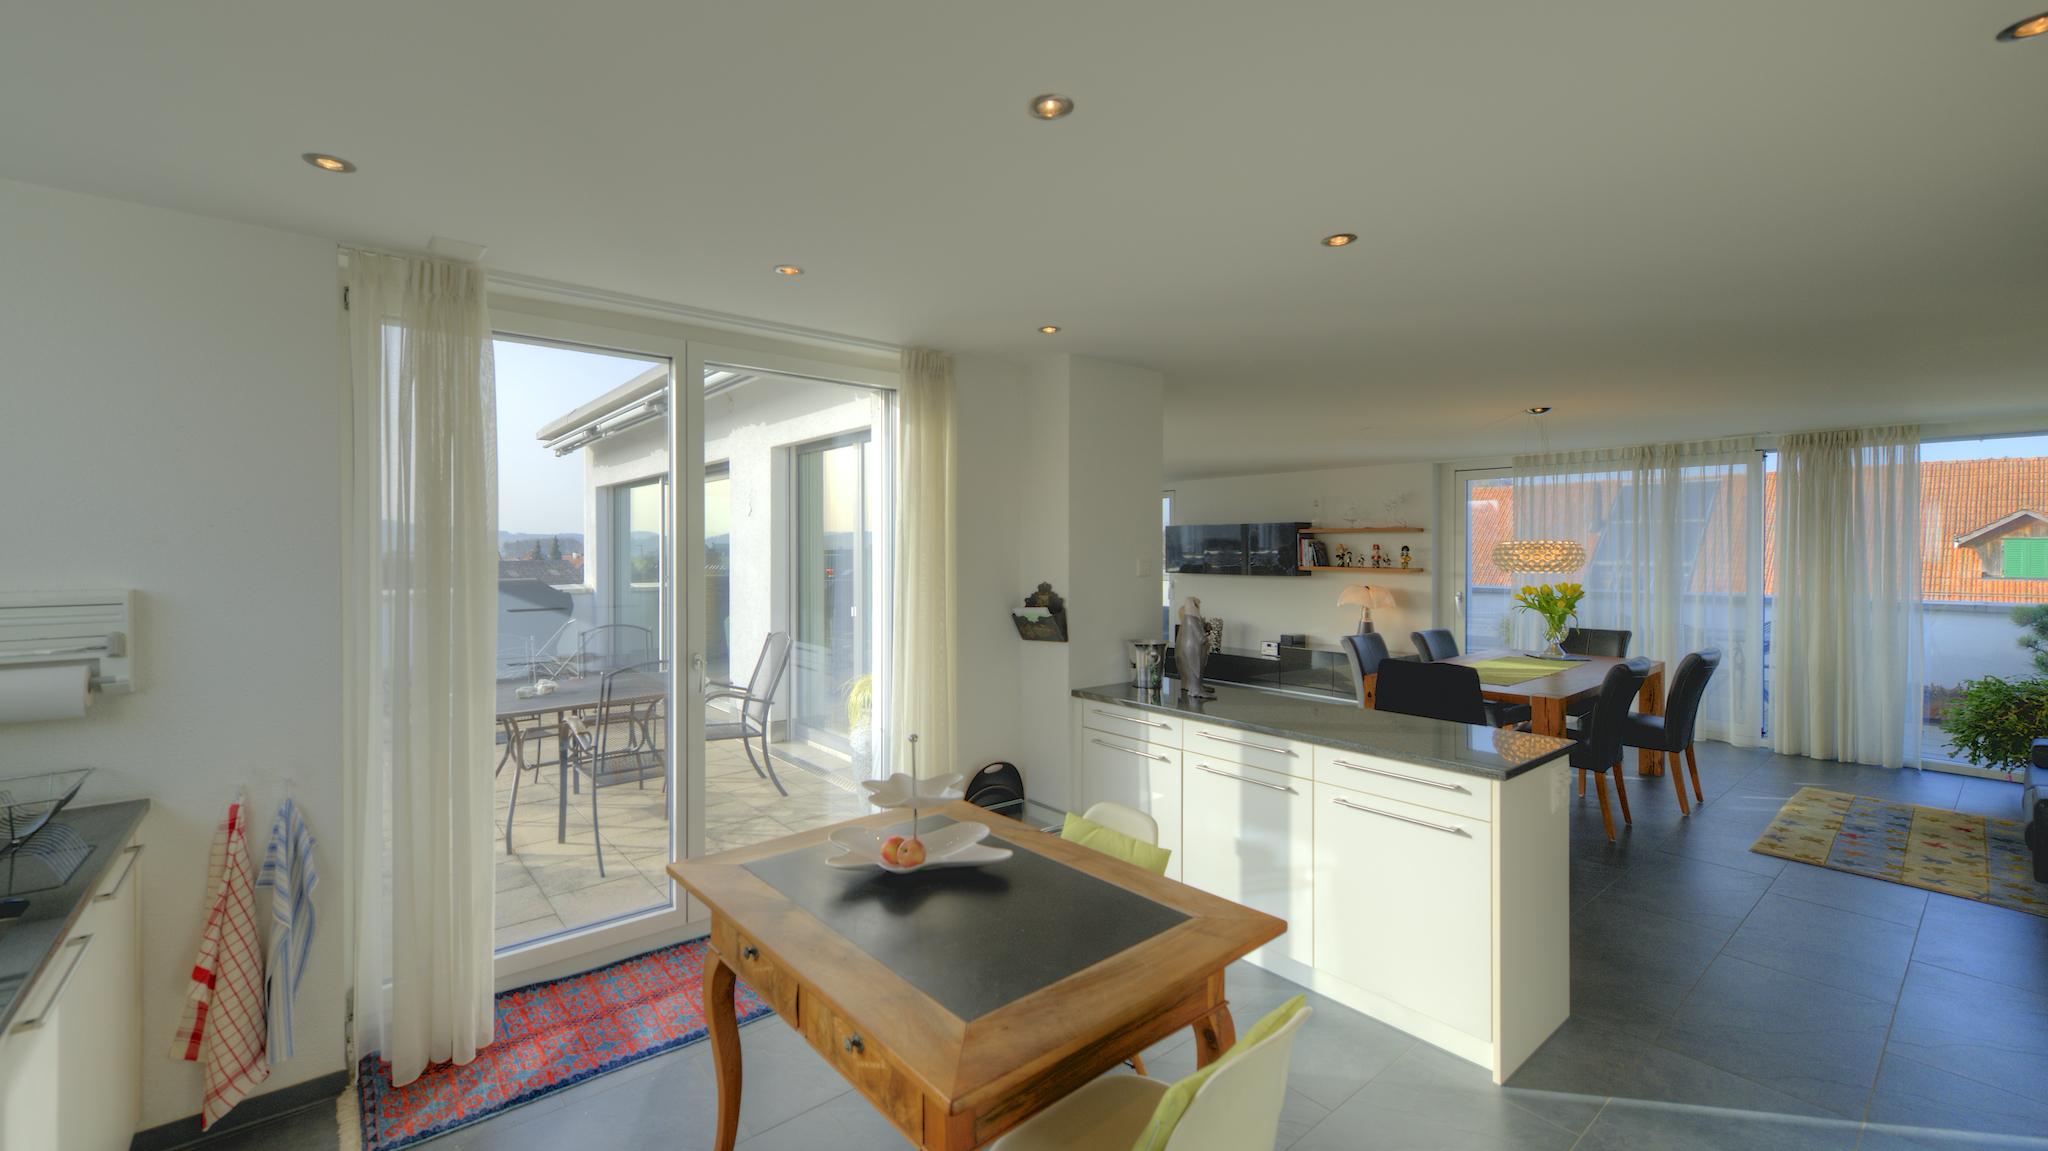 Küche mit dem Ausgang auf die Terrasse